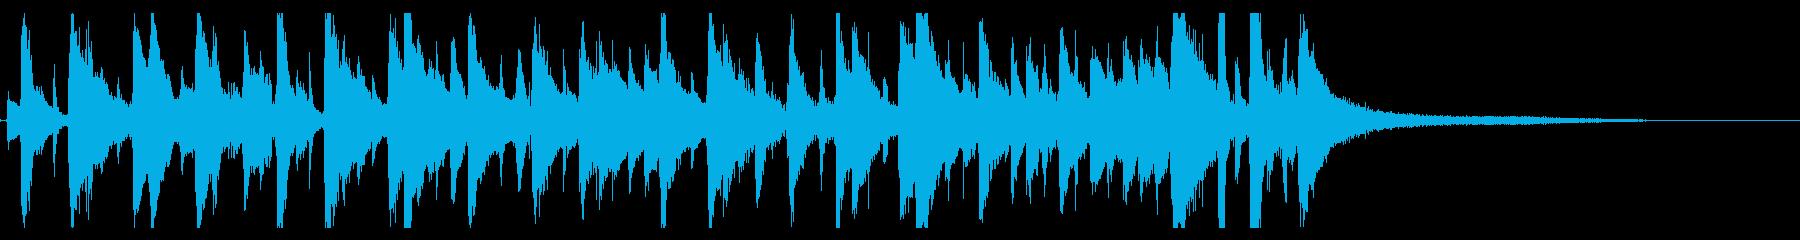 ほのぼのしたボサノバBGMの再生済みの波形